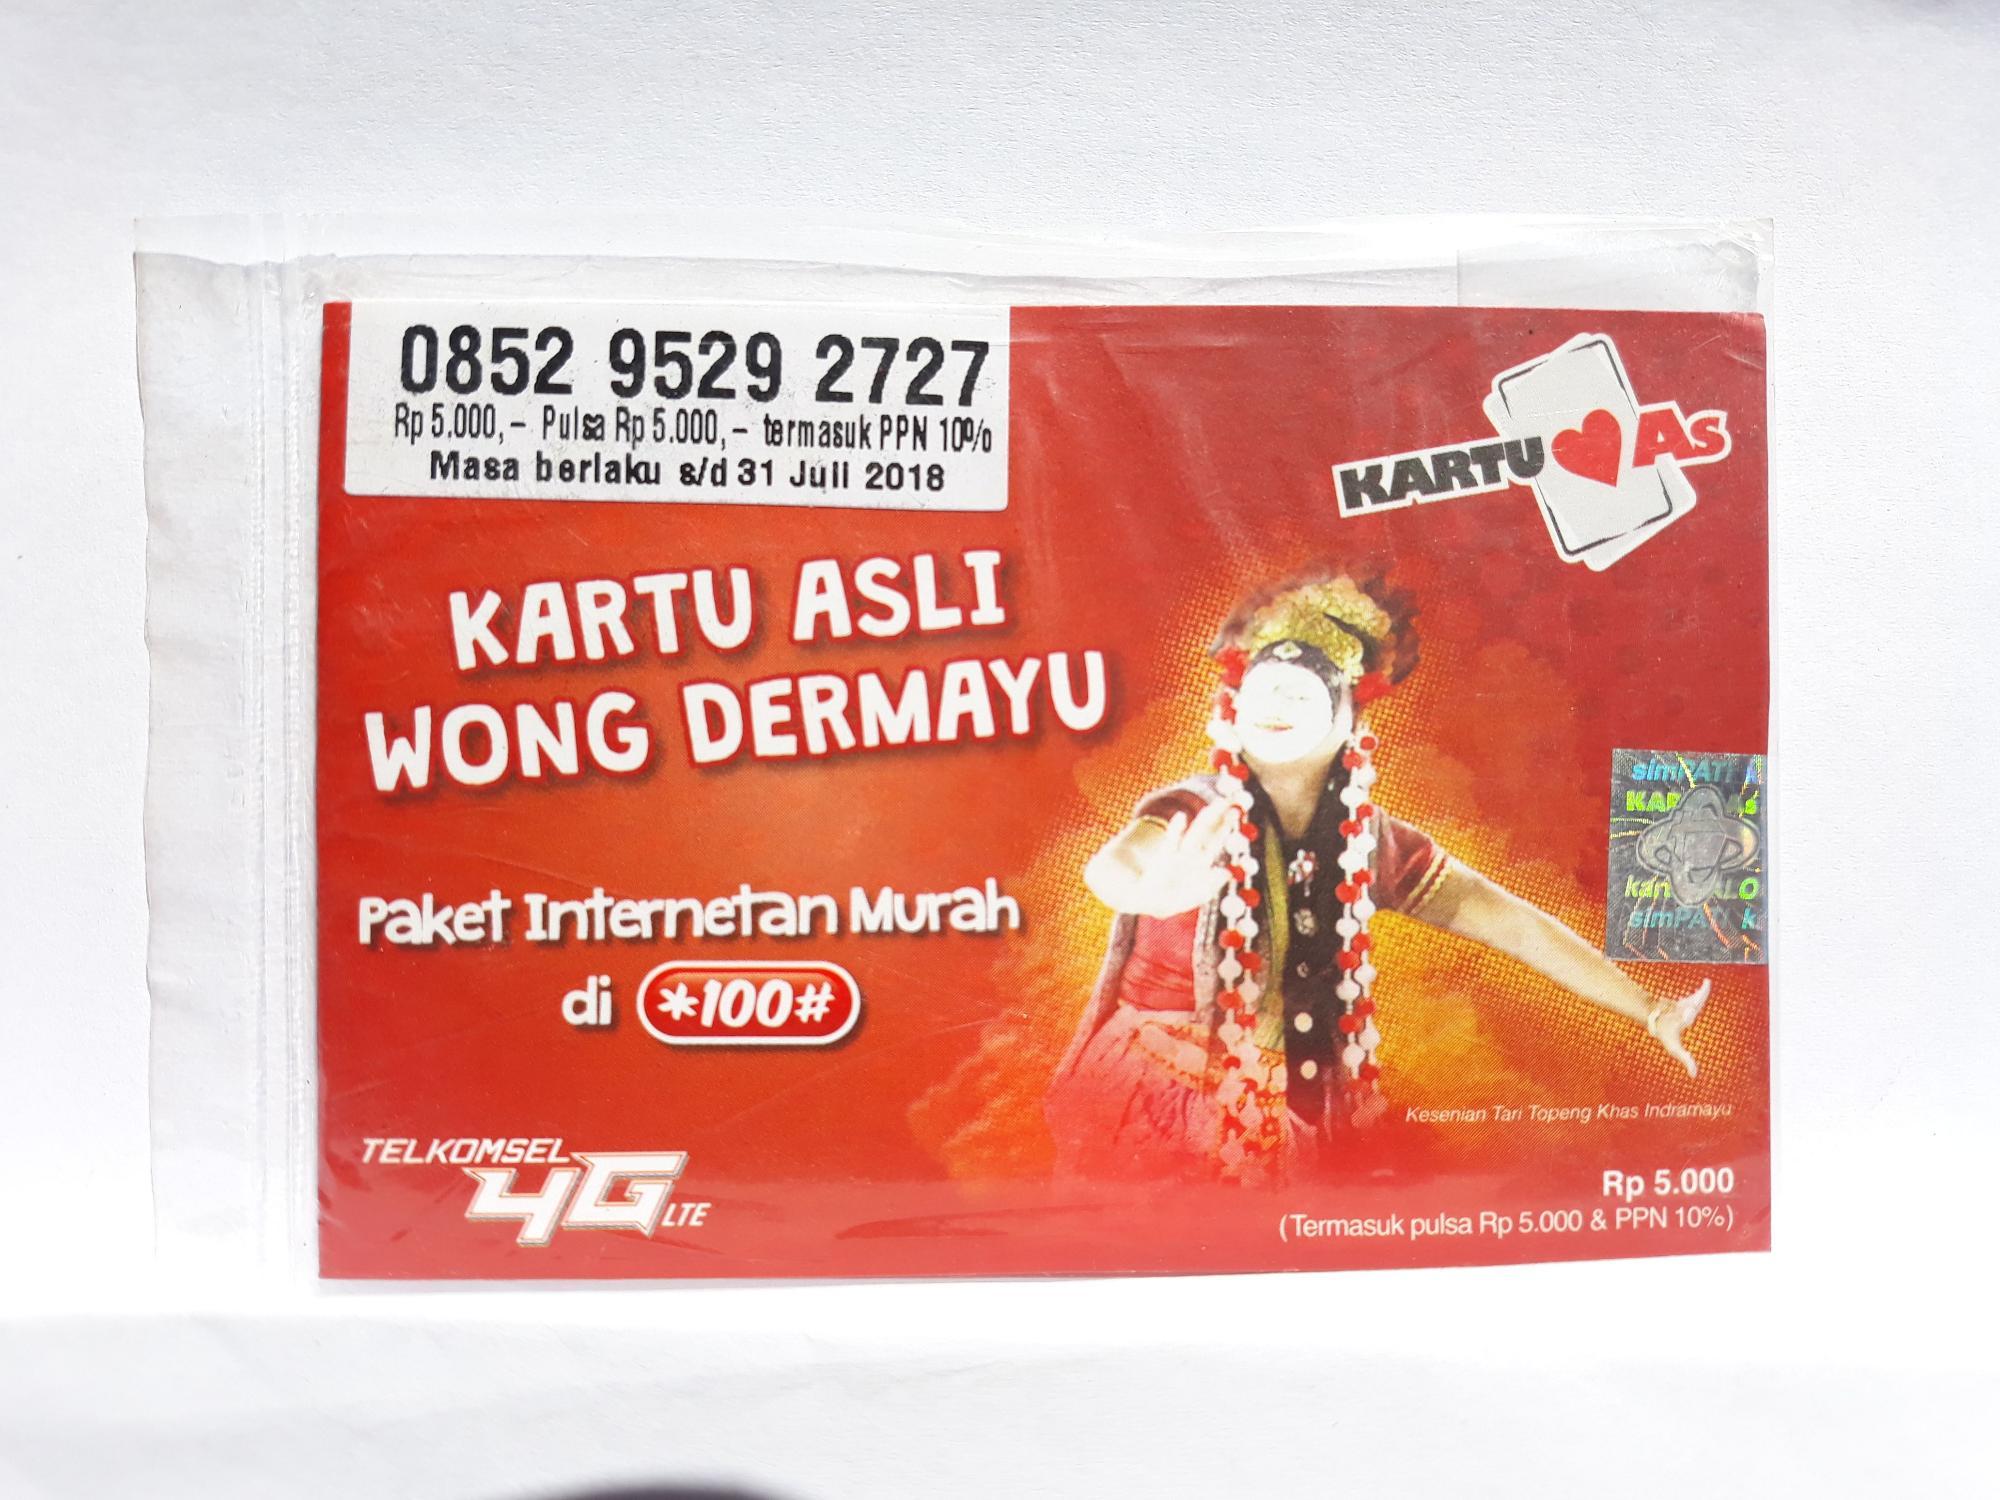 Telkomsel Kartu As Nomor Cantik 0852 10000 870 Beli Harga Murah Pul5a 10k All Operator Terlengkap Lazada Co Id Source